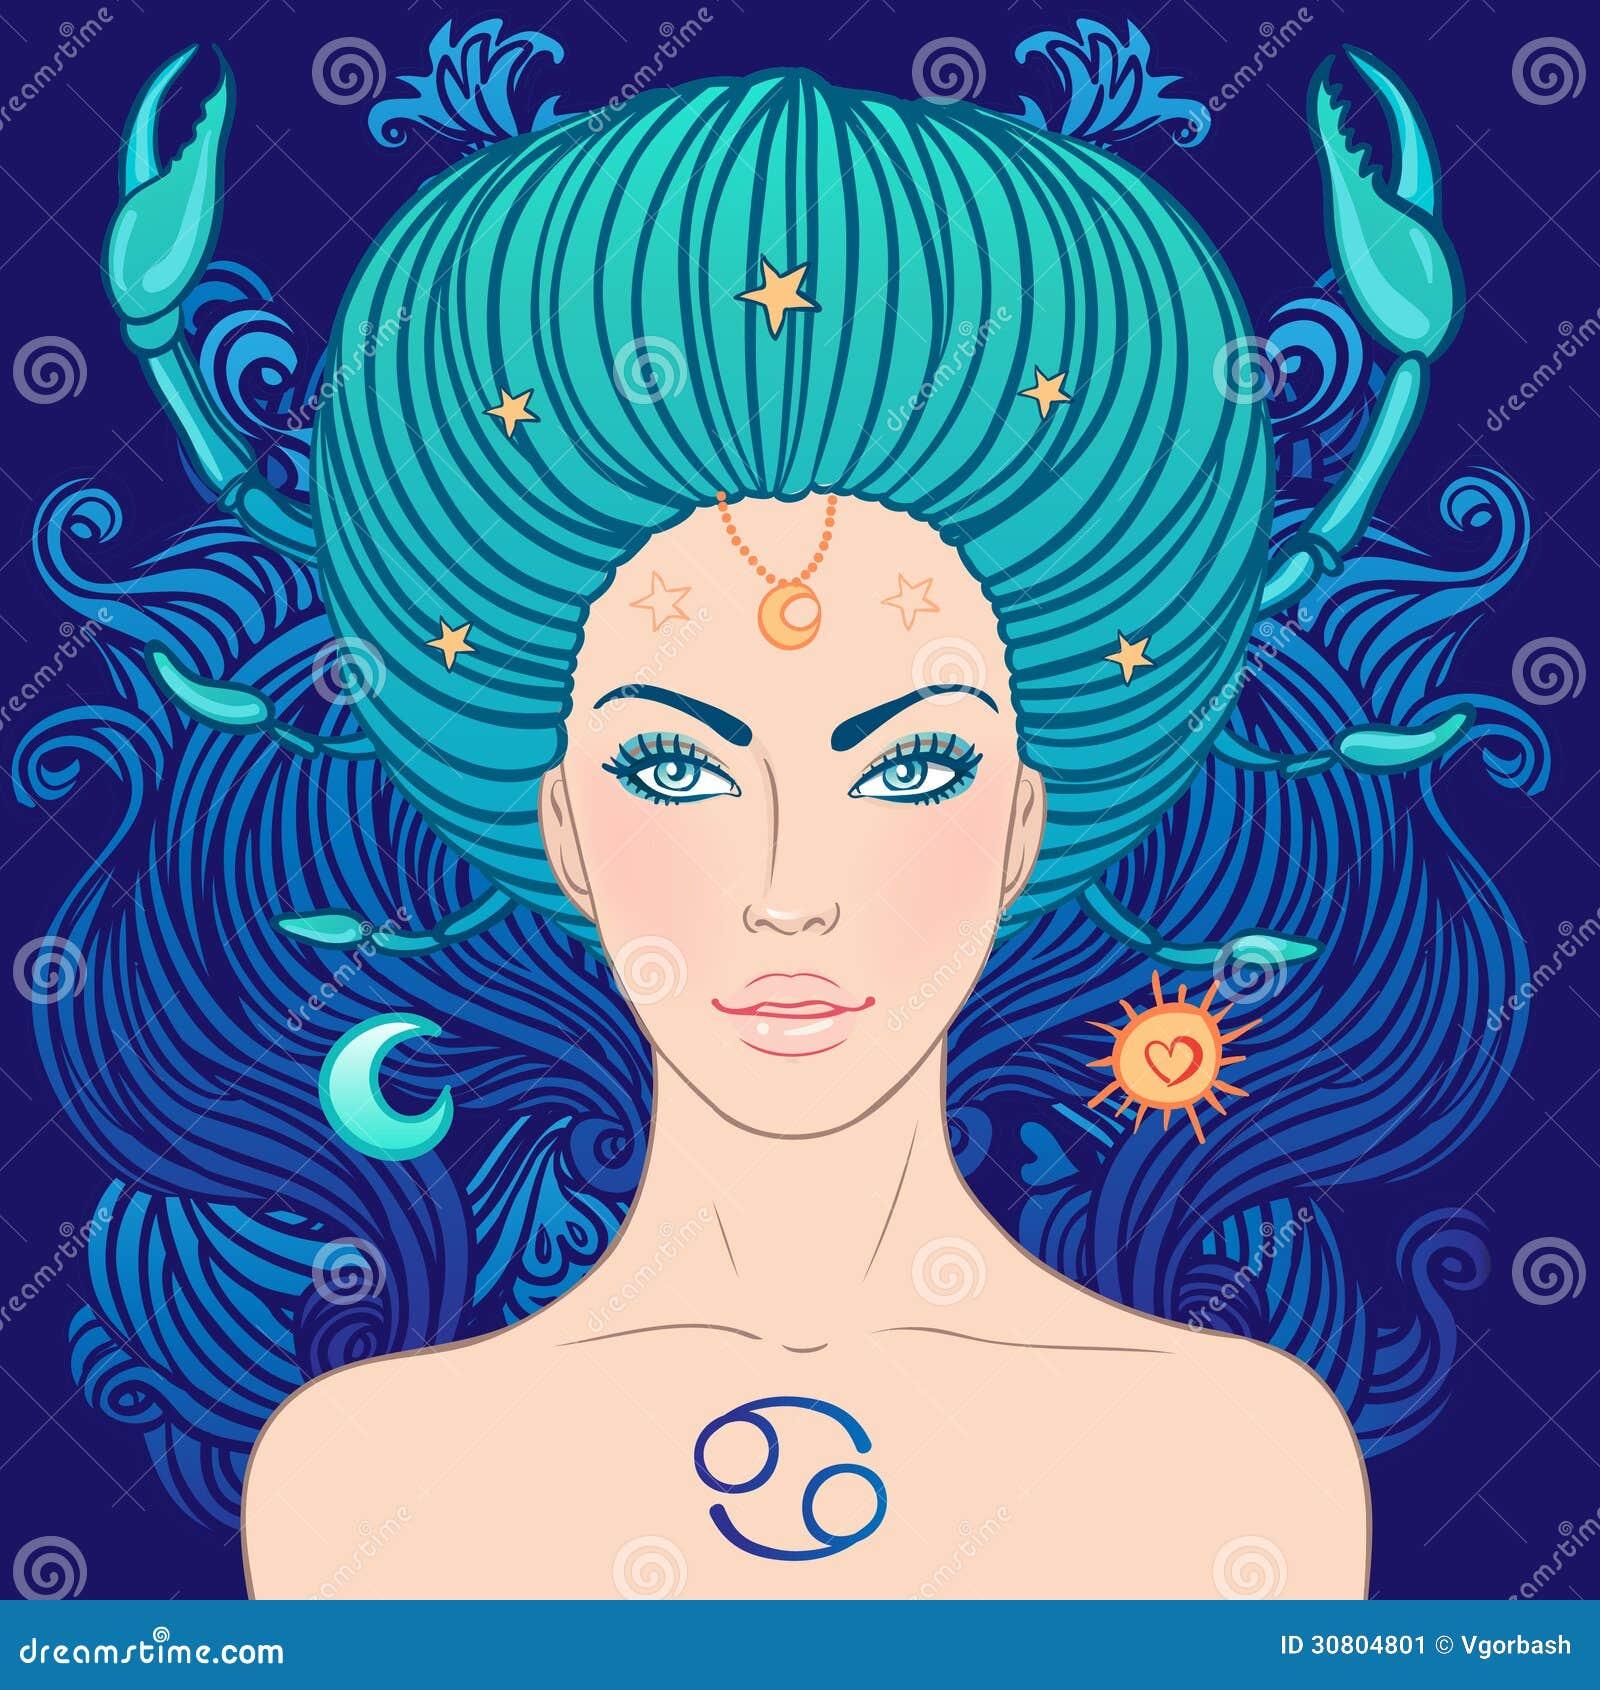 Illustrazione del segno dello zodiaco del cancro come bella ragazza